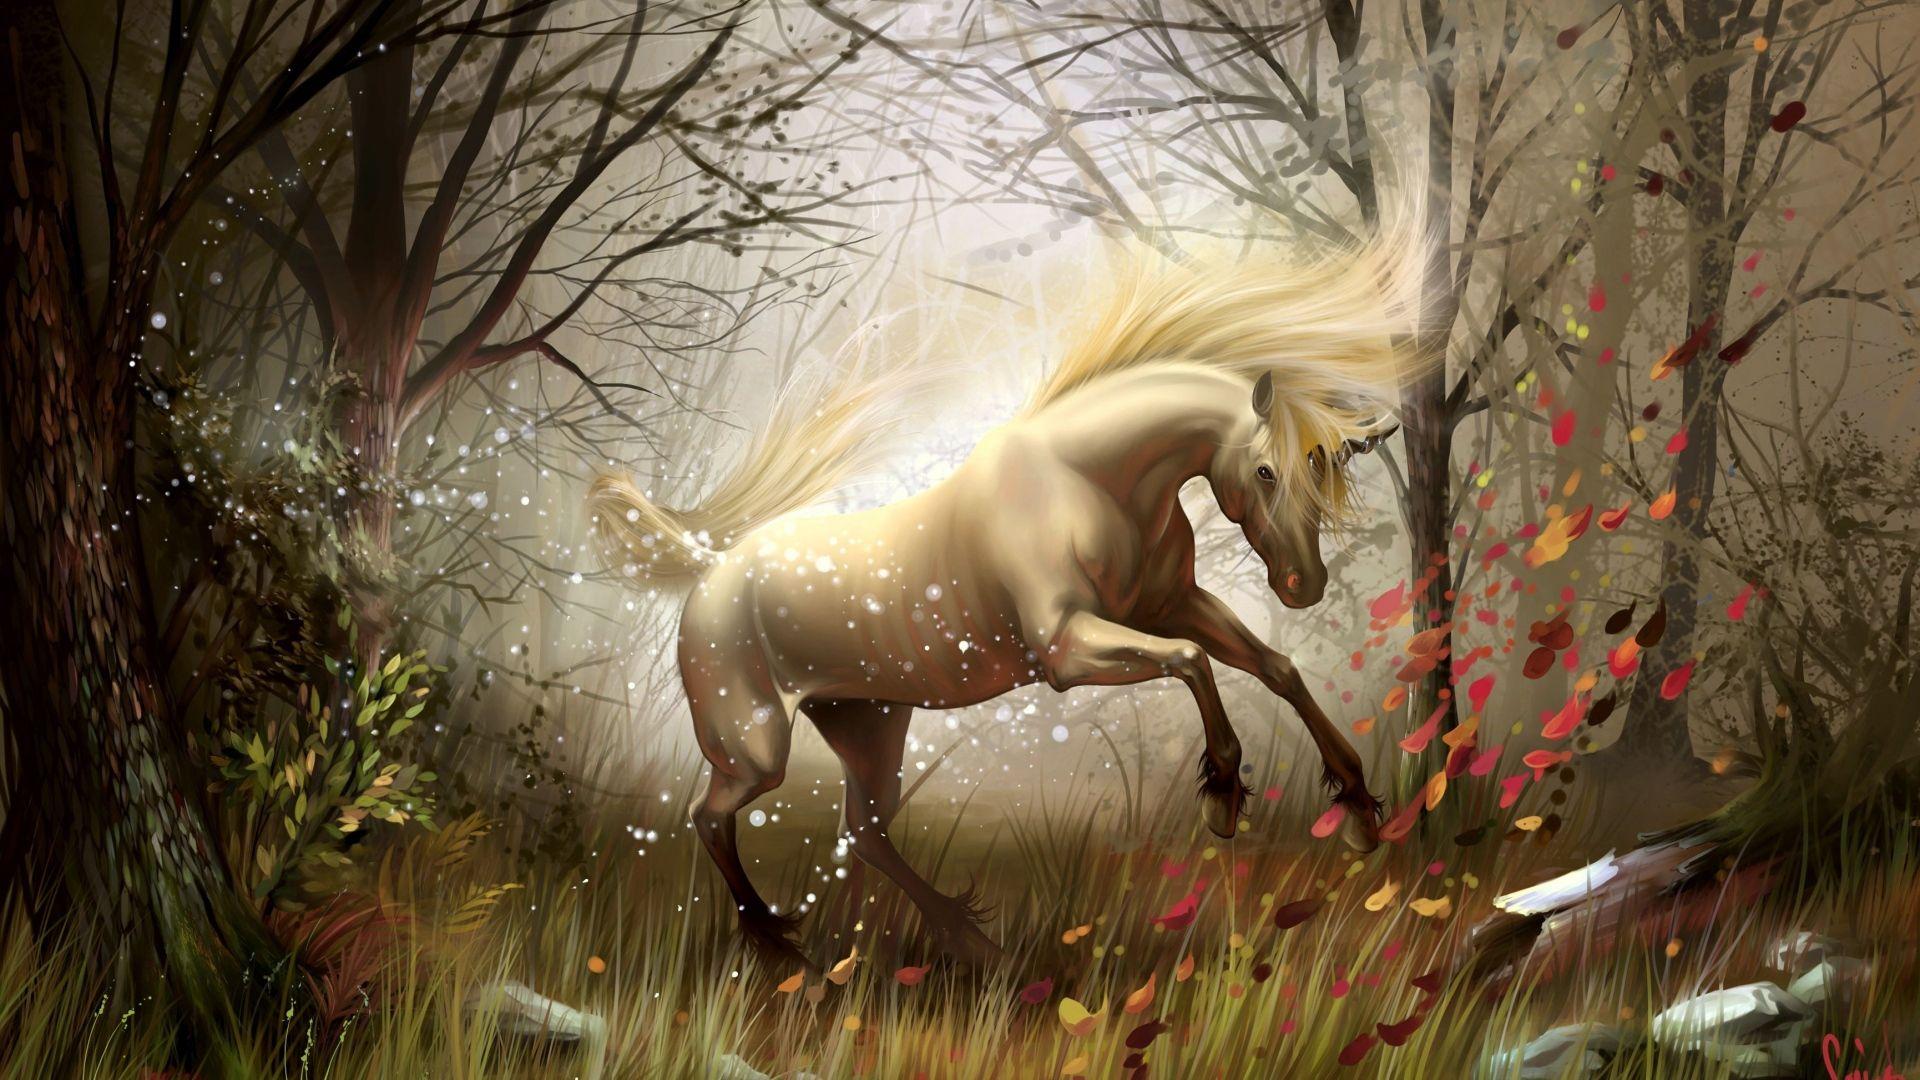 Must see Wallpaper Horse Laptop - f0612cdd54f6d53c49fb742b2c6d3b19  HD_833020.jpg